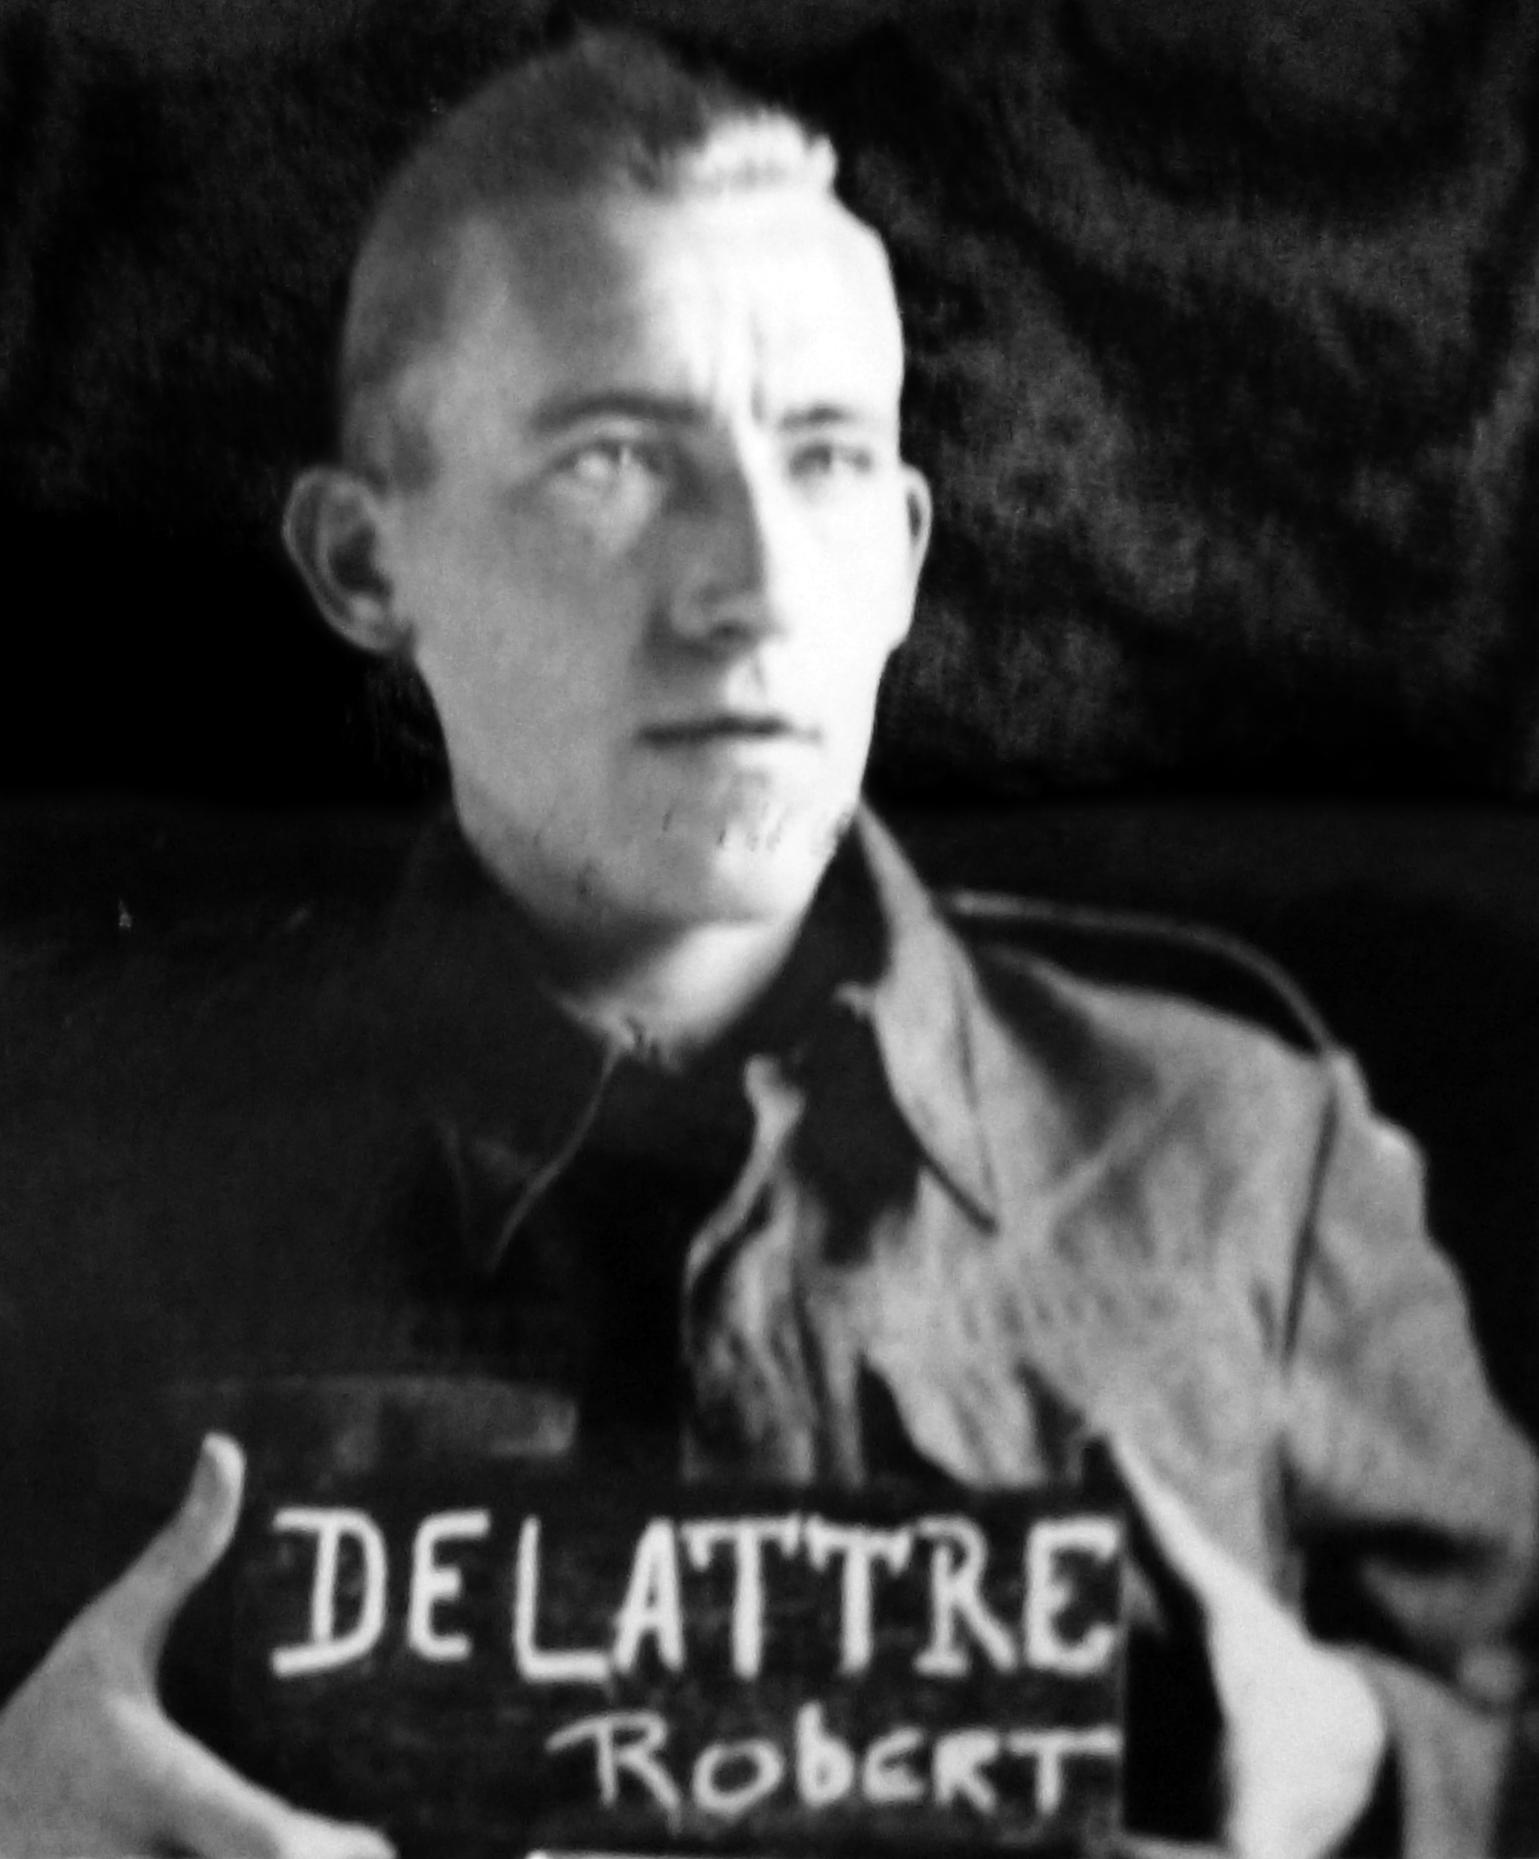 Robert Delattre